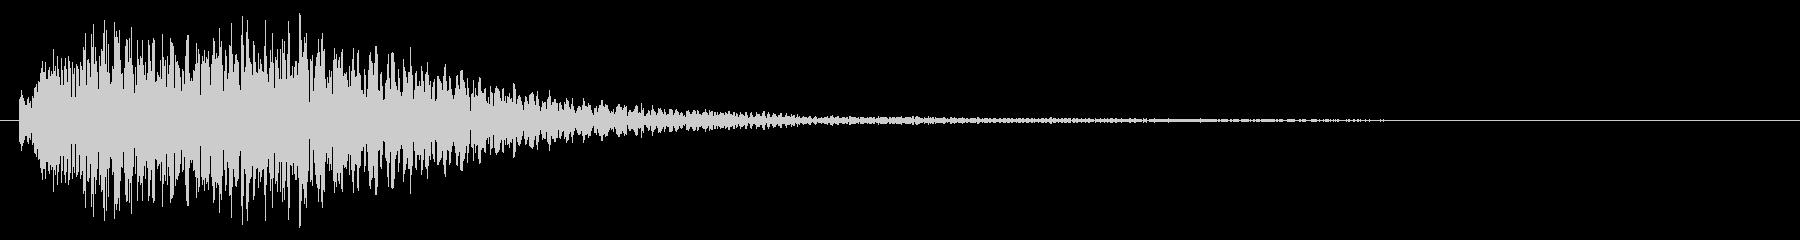 決定音/クリーン/上昇系の未再生の波形